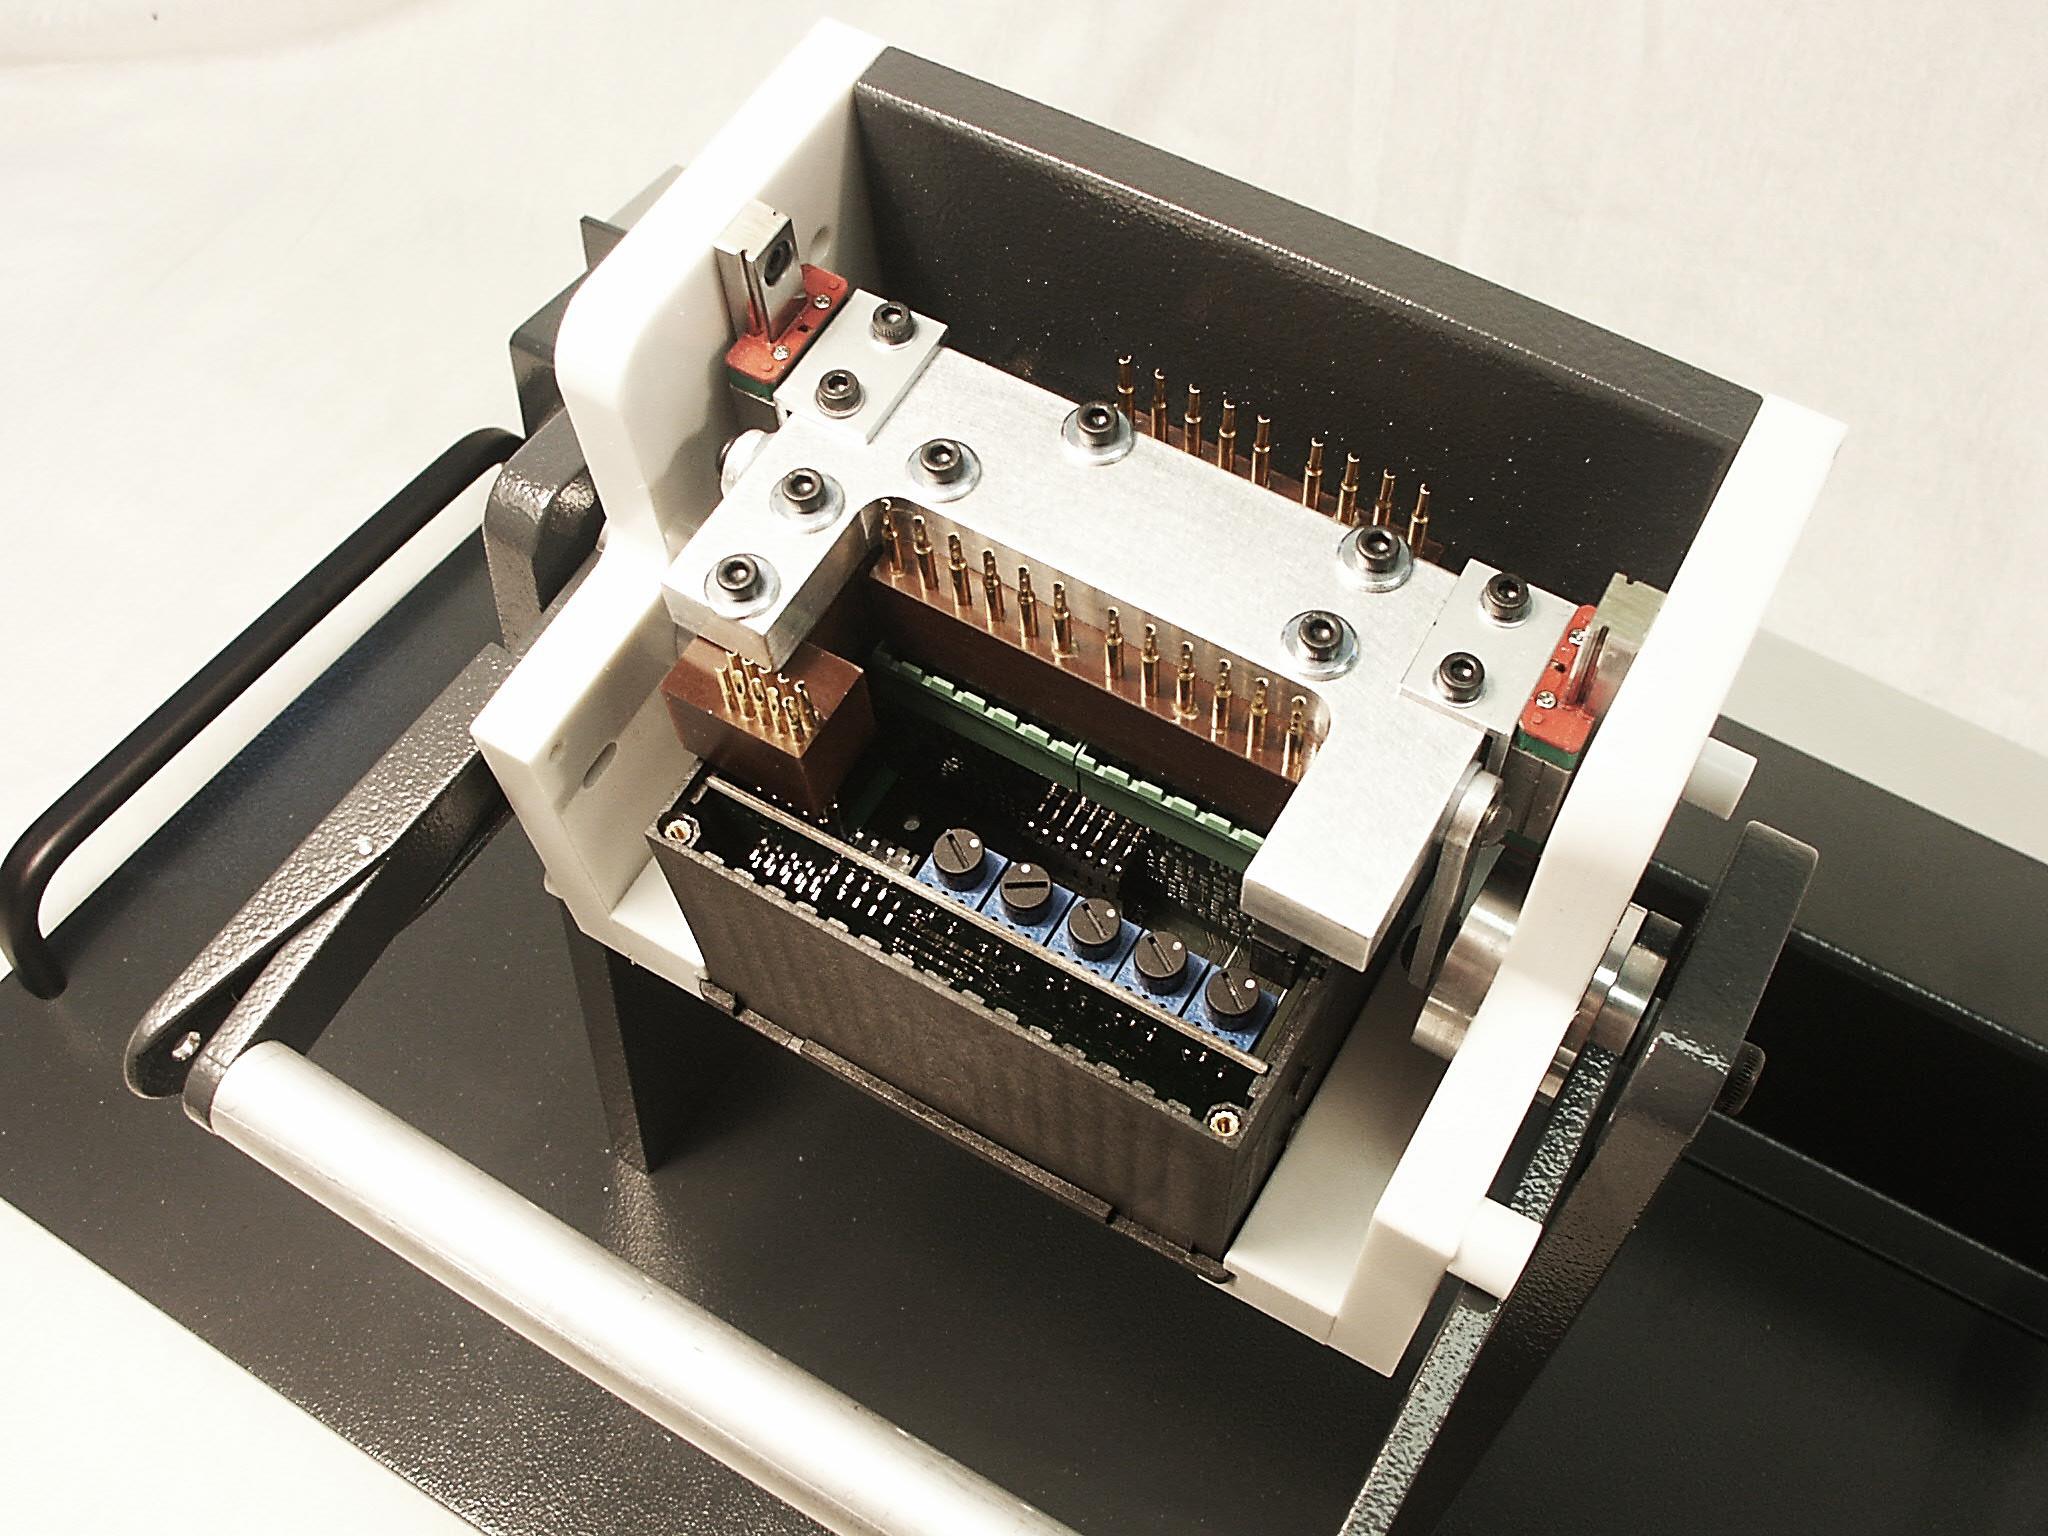 Custom PCB fixtures